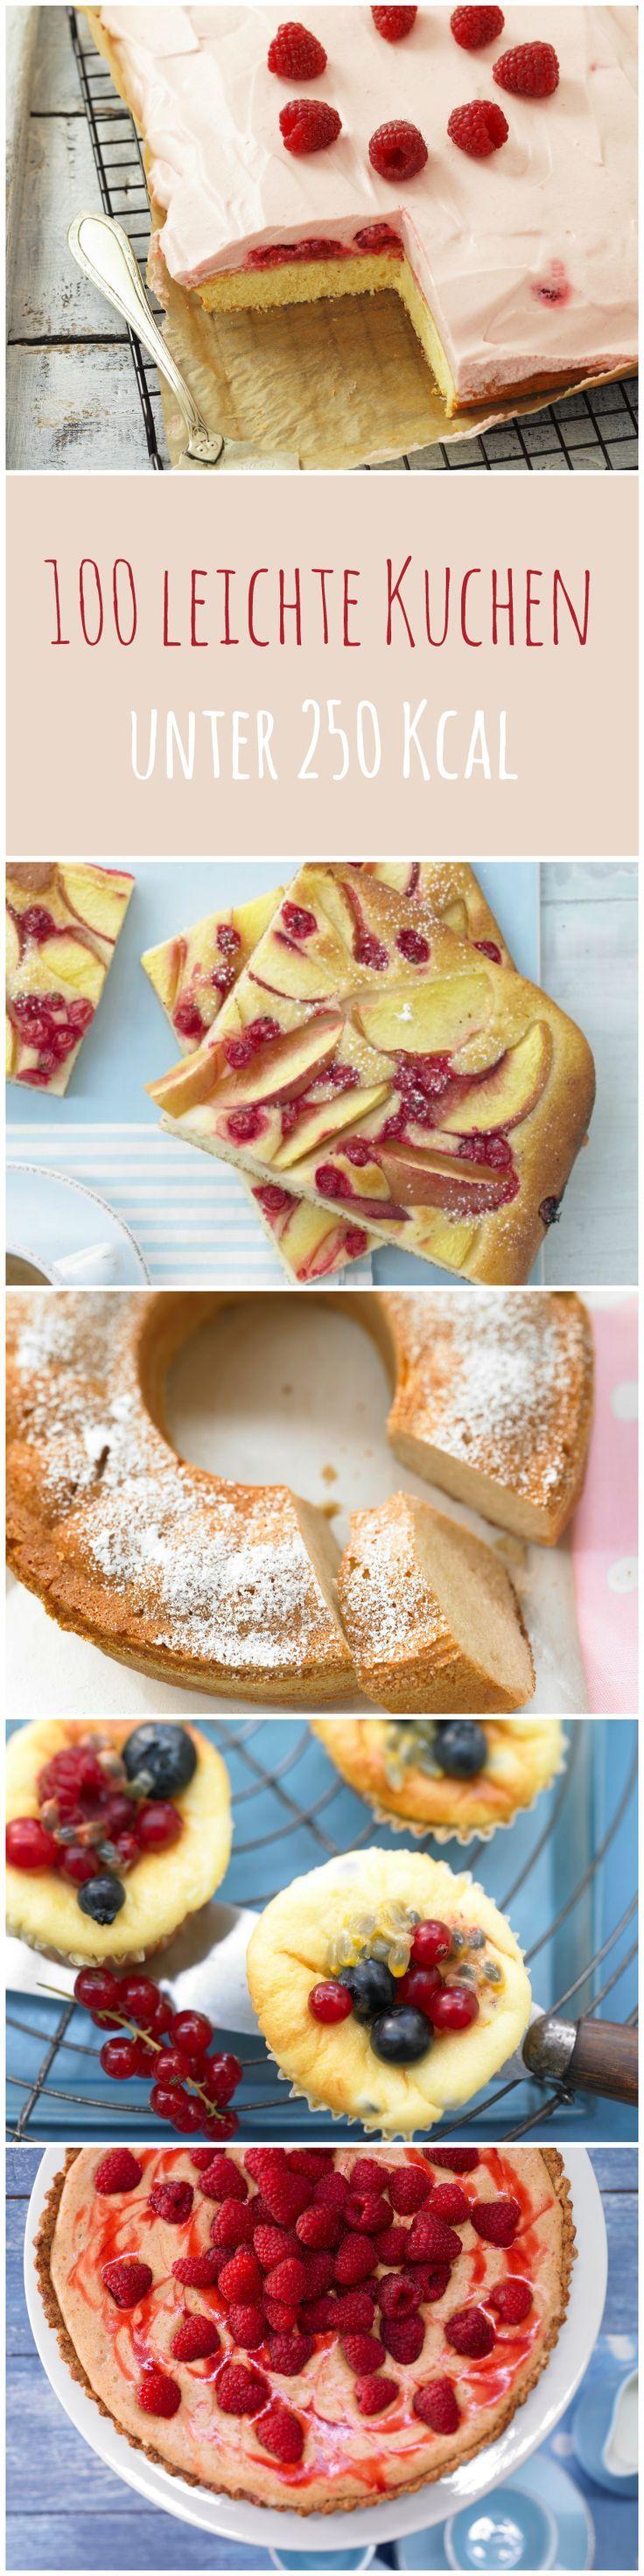 Cute Kuchen Ideen f r leichte und leckere Sommerkuchen unter kca Hier gehts zum Gratis Online